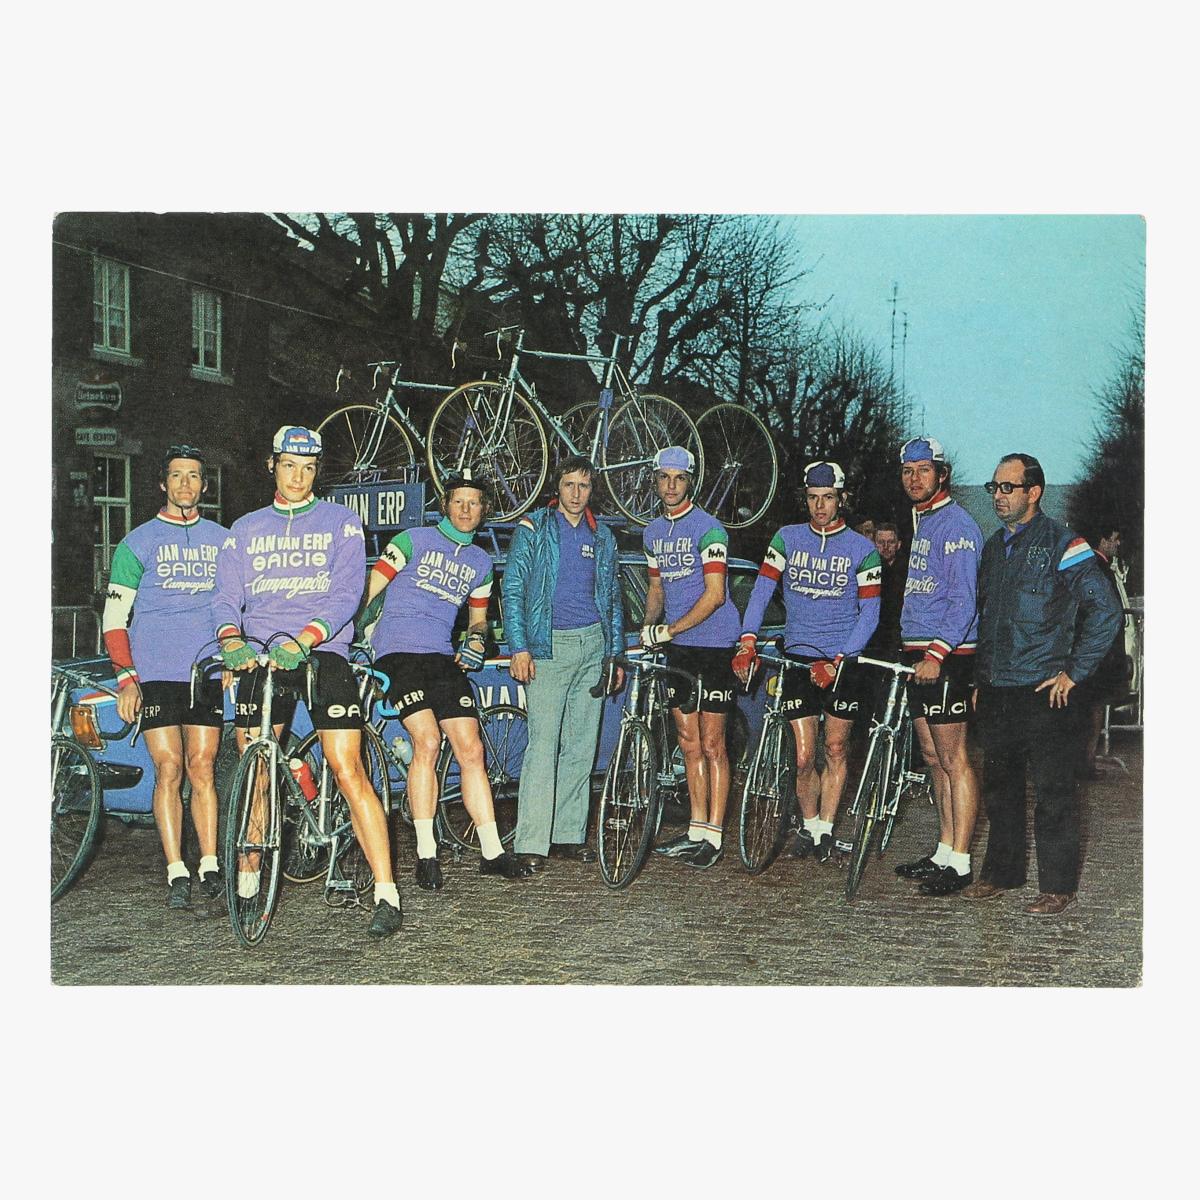 Afbeeldingen van postkaart wielrennen jan van erp saicis